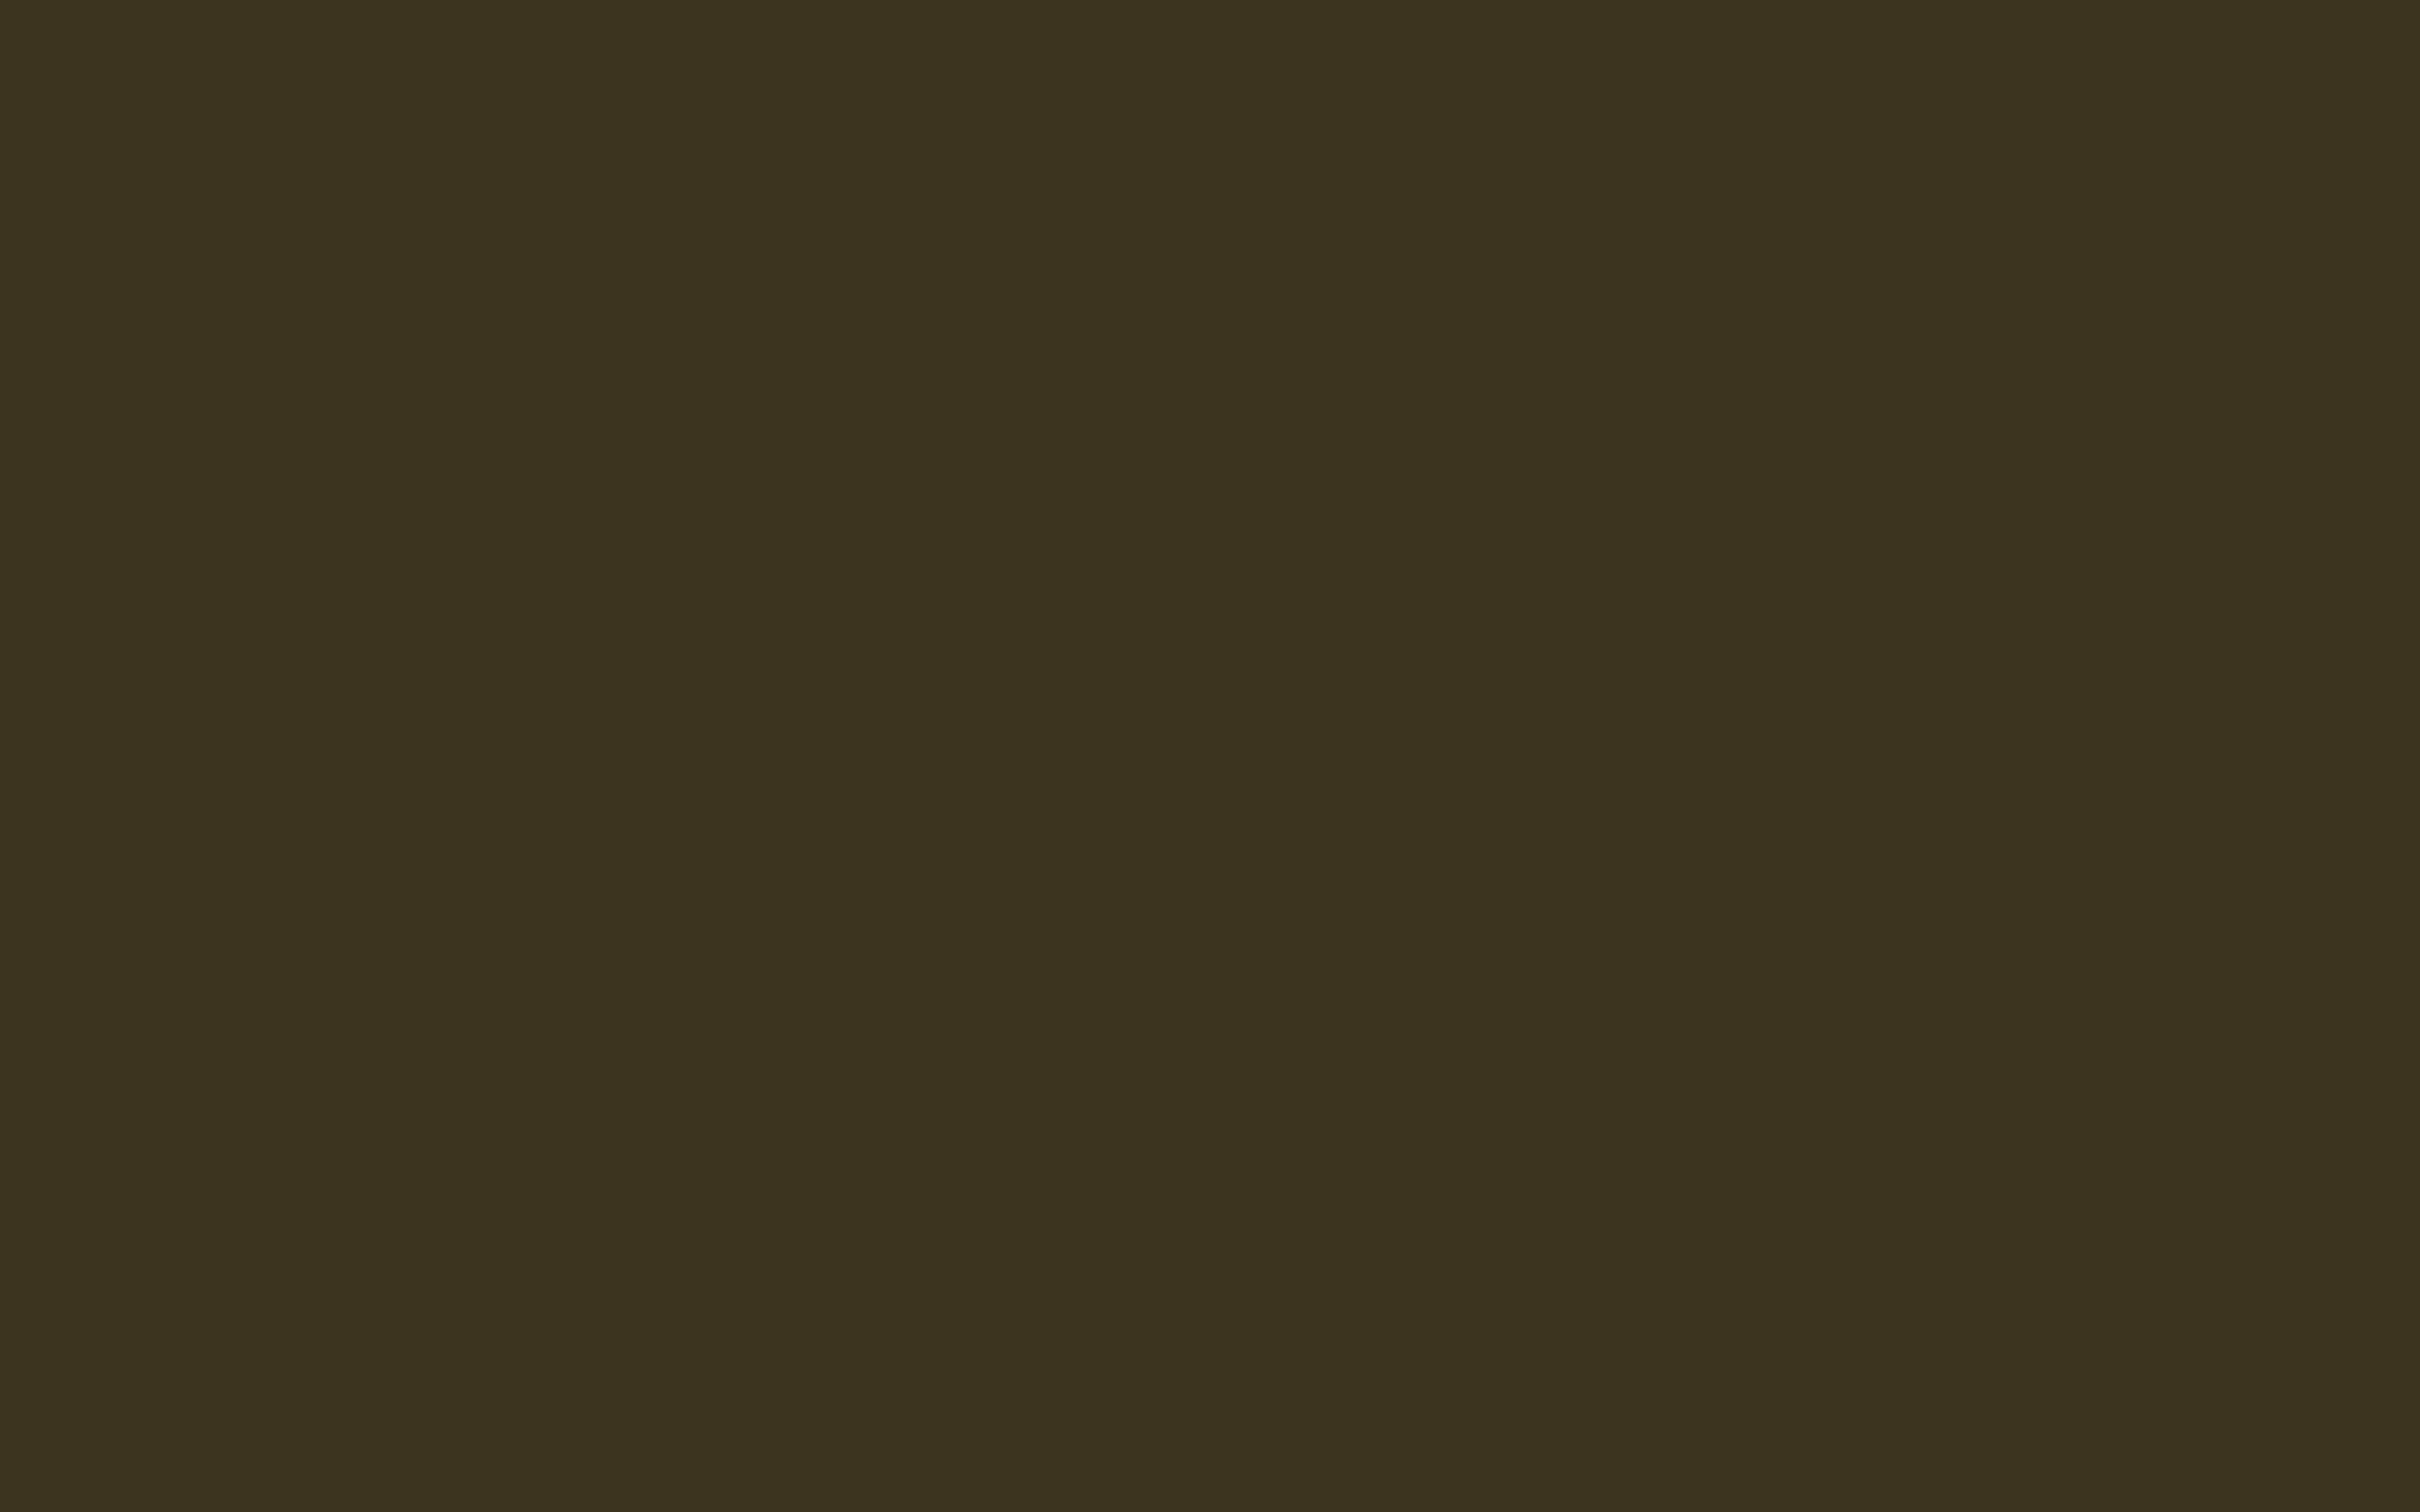 2560x1600 Olive Drab Number Seven Solid Color Background